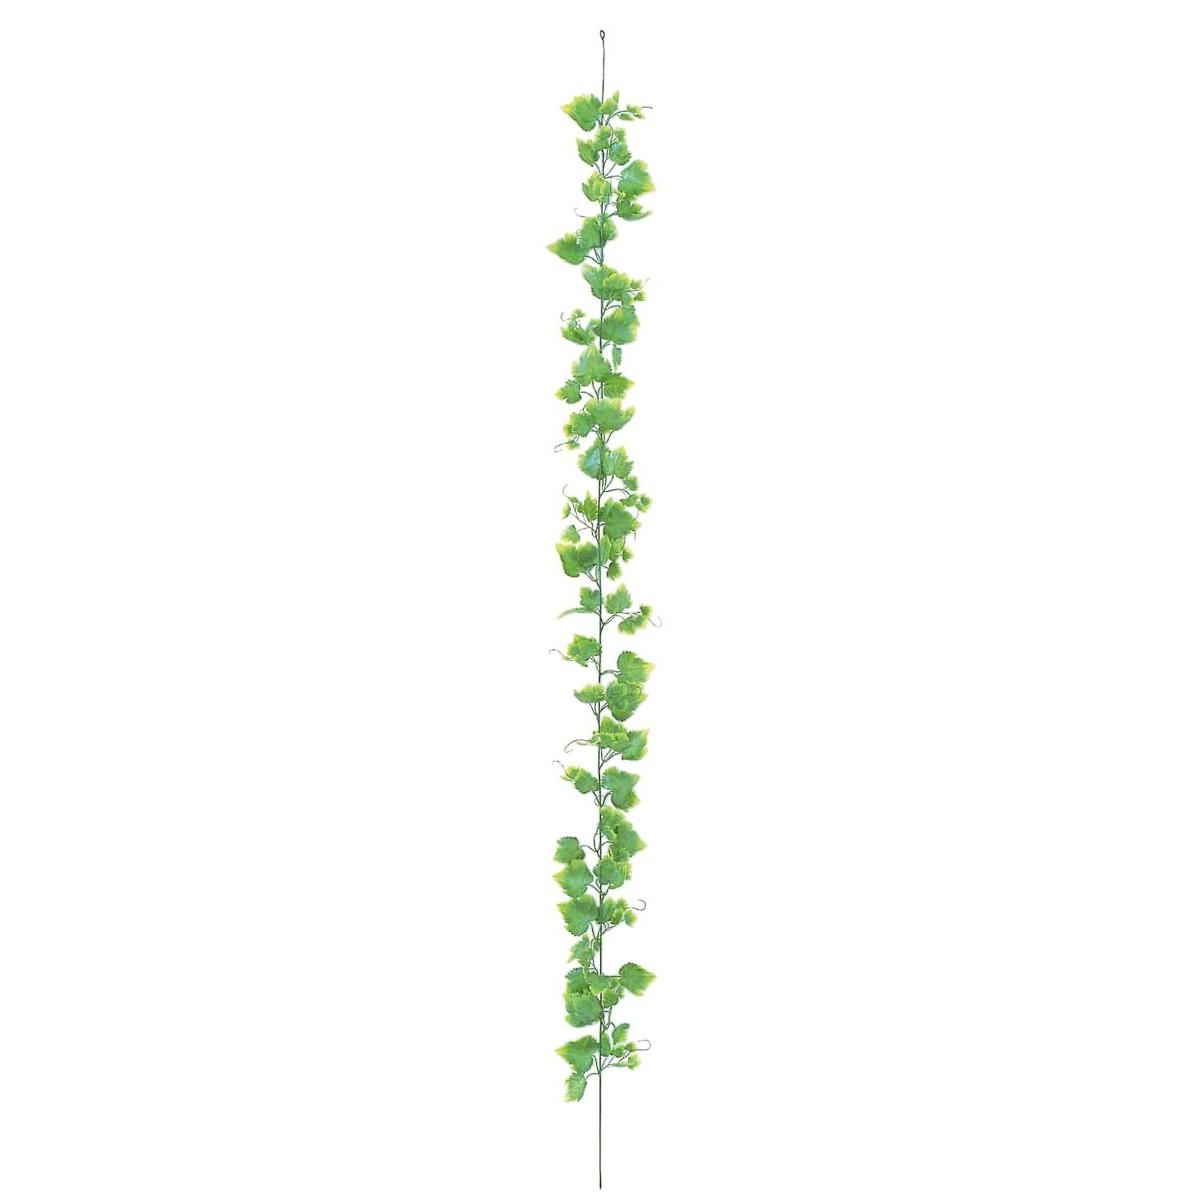 初回限定 オフィス 消臭 抗菌 おすすめ おしゃれ 癒しのグリーンでいつでも空気すっきり 観葉植物 造花 屋外対応 ツートングリーン G-L 175cm 人工観葉植物 光触媒 インテリア フジグレープガーランド フェイクグリーン CT触媒 受賞店